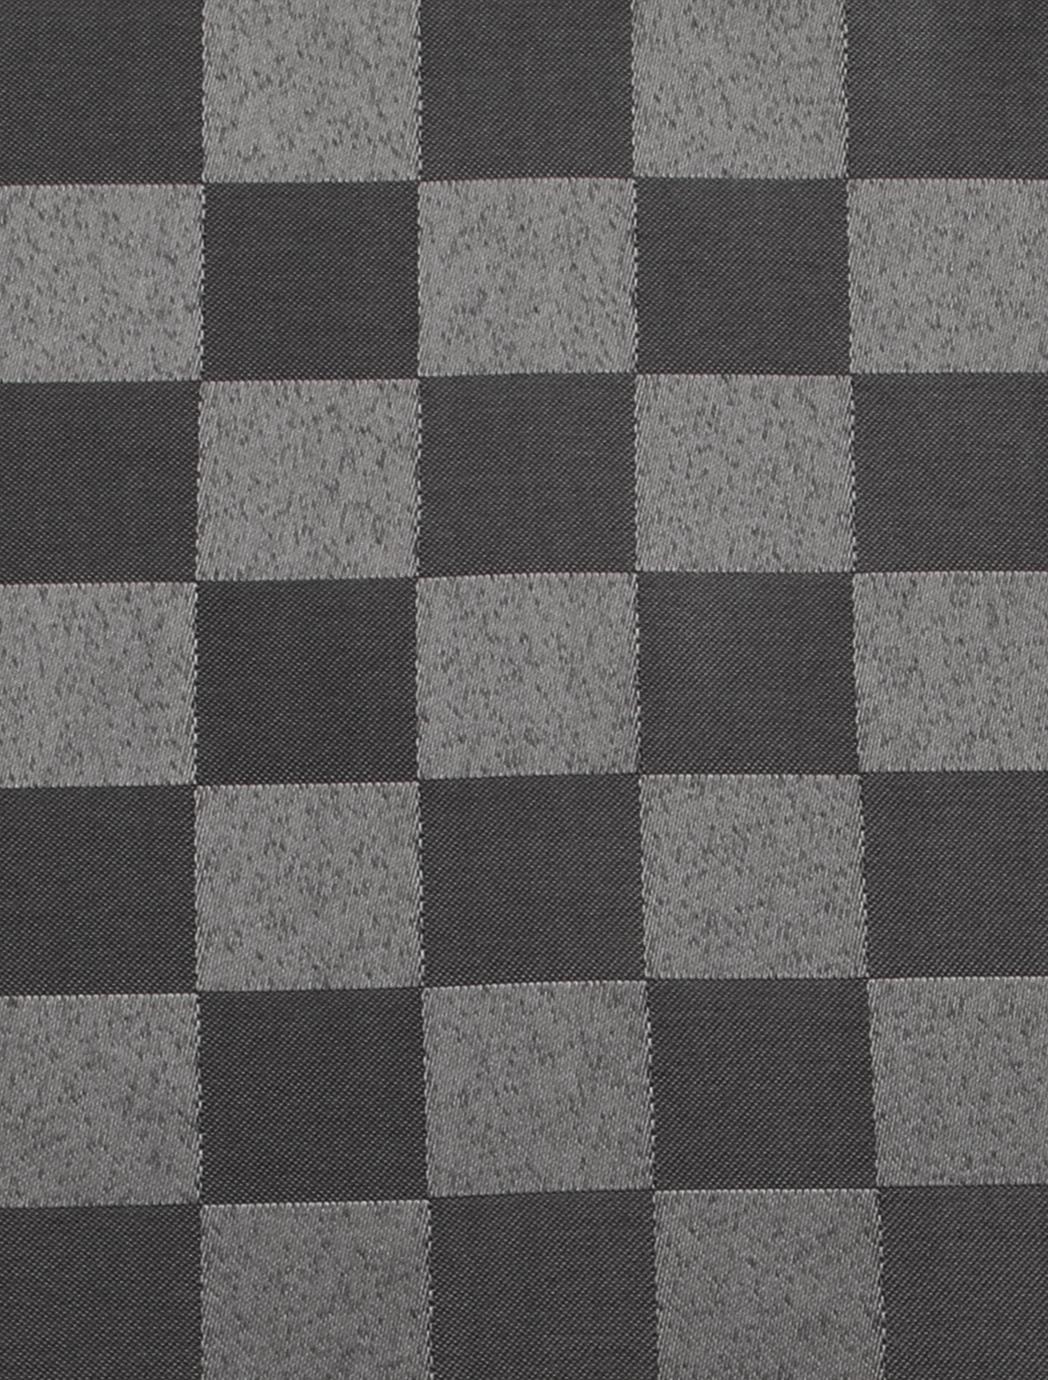 KÁRO UBRUS 140 x 180 cm šedo stříbrný